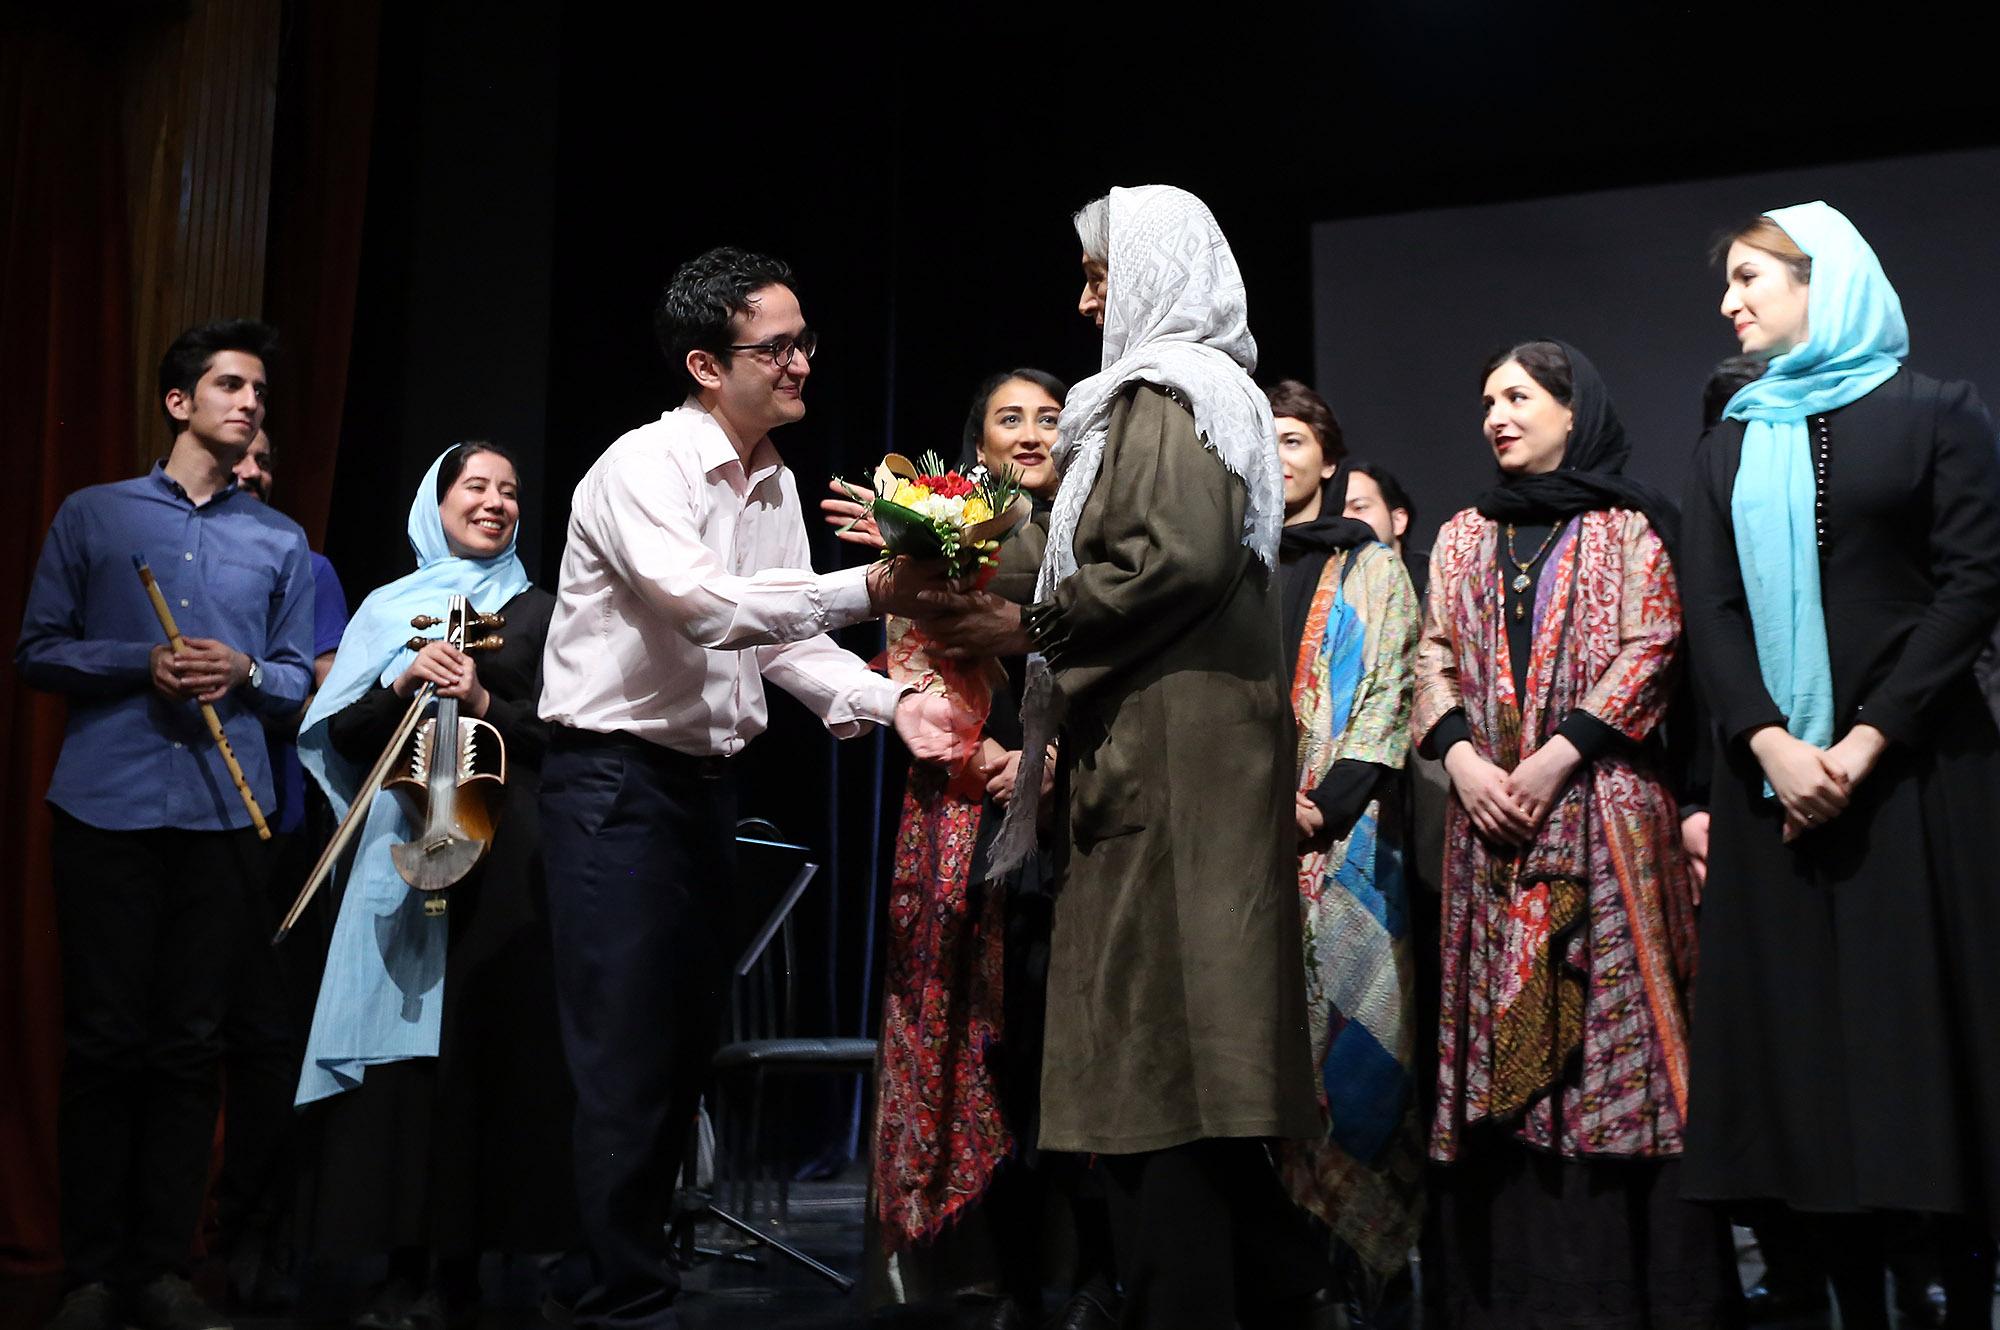 «شب پالیزبان» یادبود استاد فرامرز پایور برگزار شد | گزارش تصویری